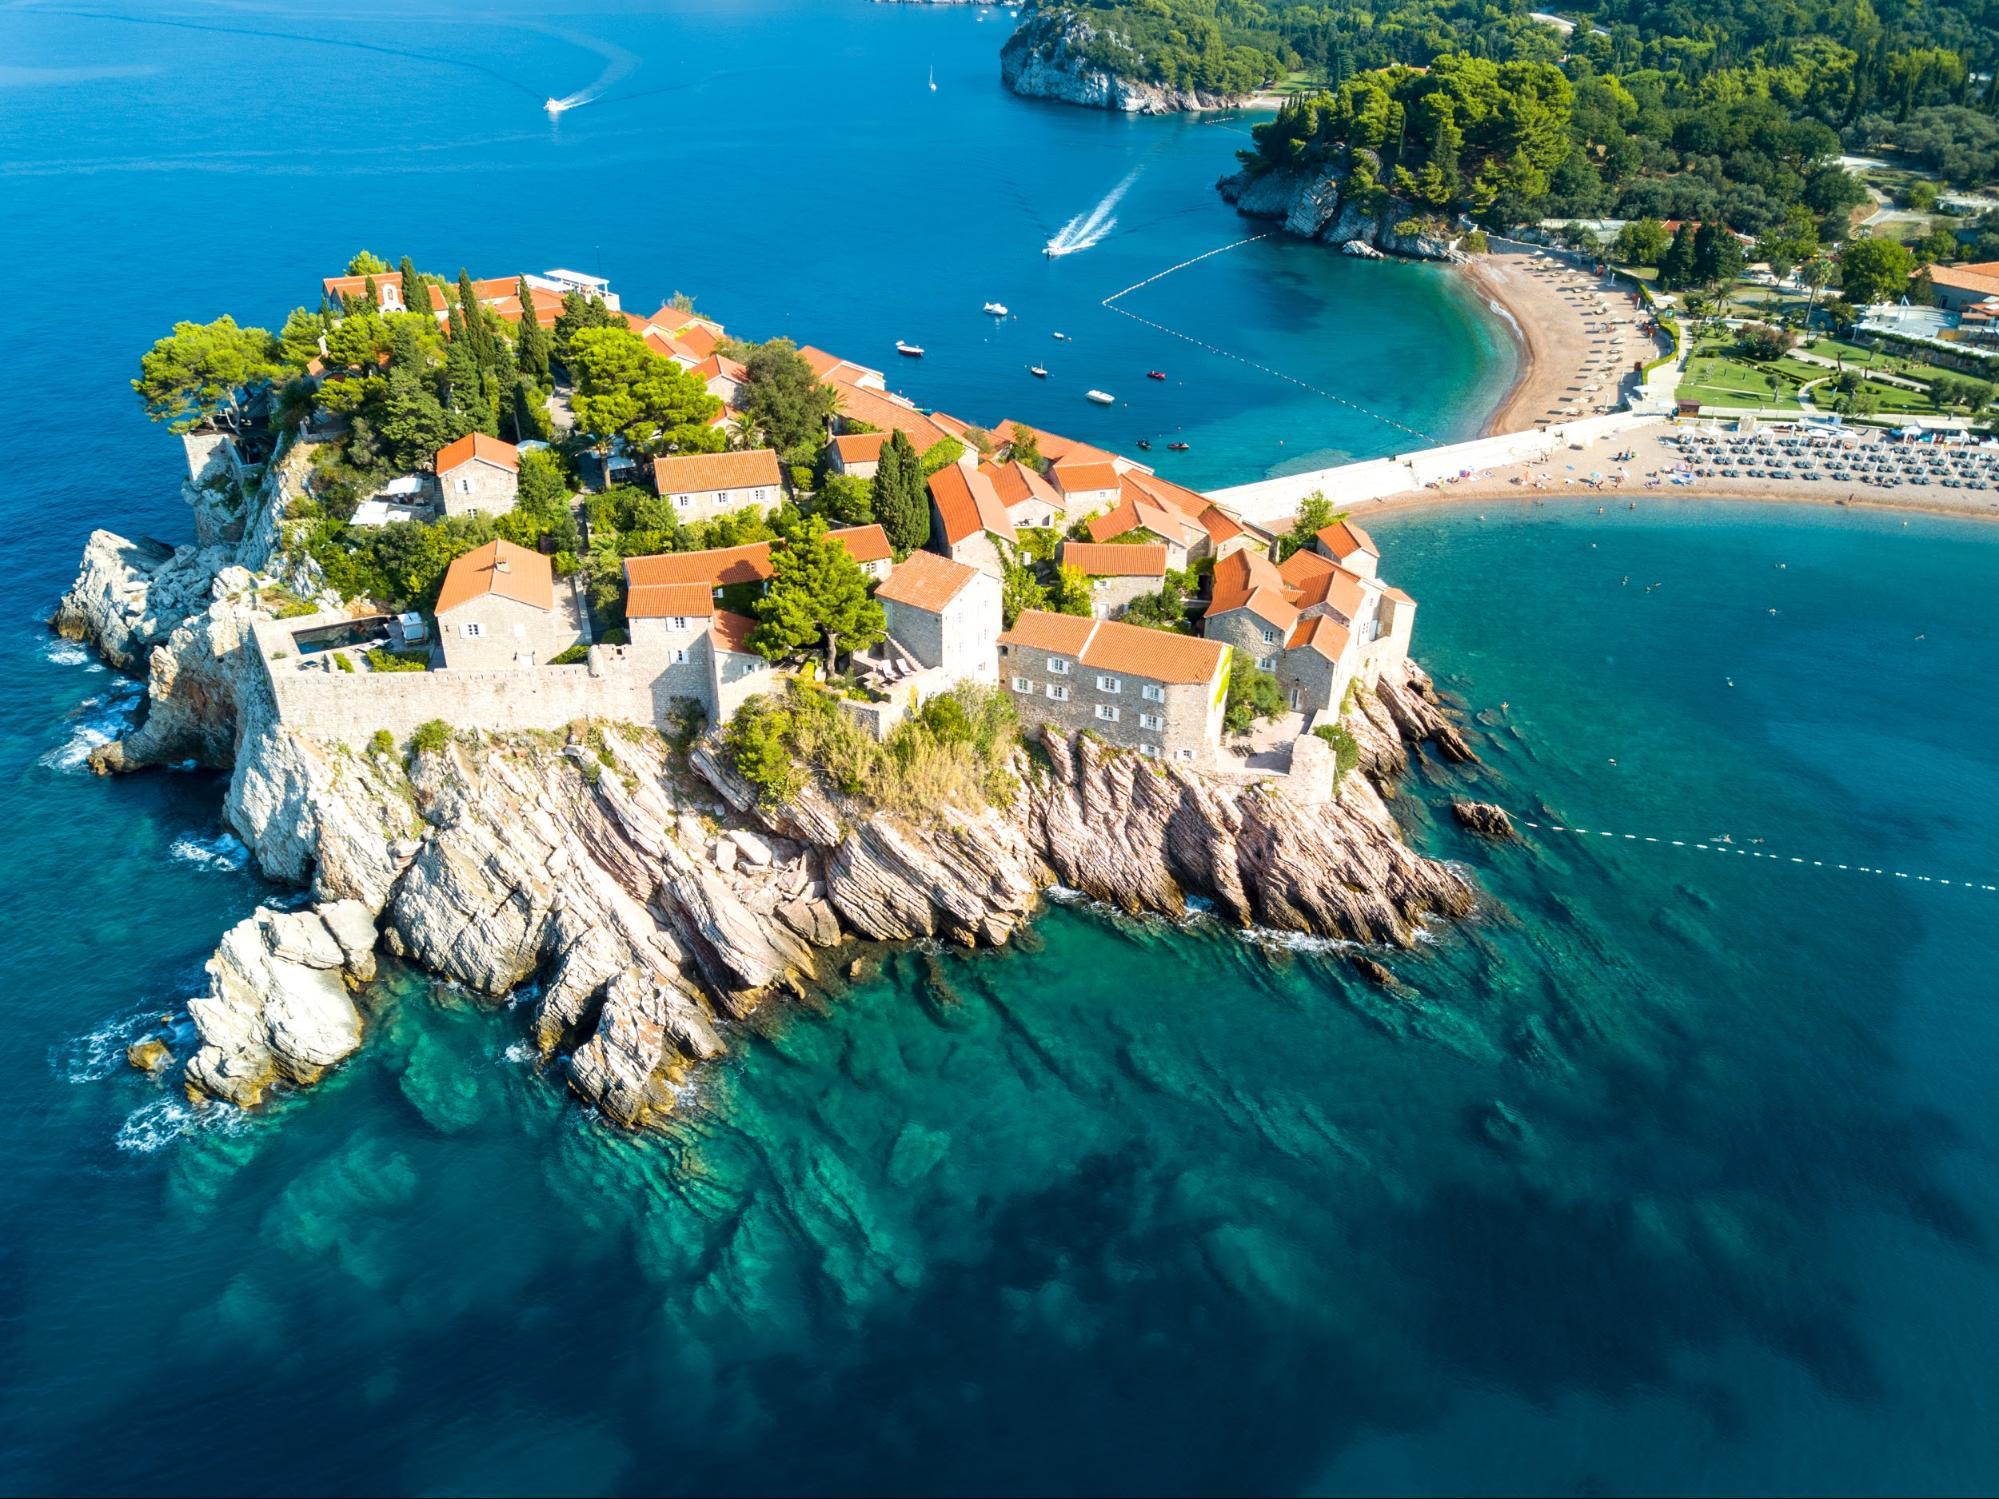 الجبل الأسود .. متعة الاستمتاع بالشواطئ